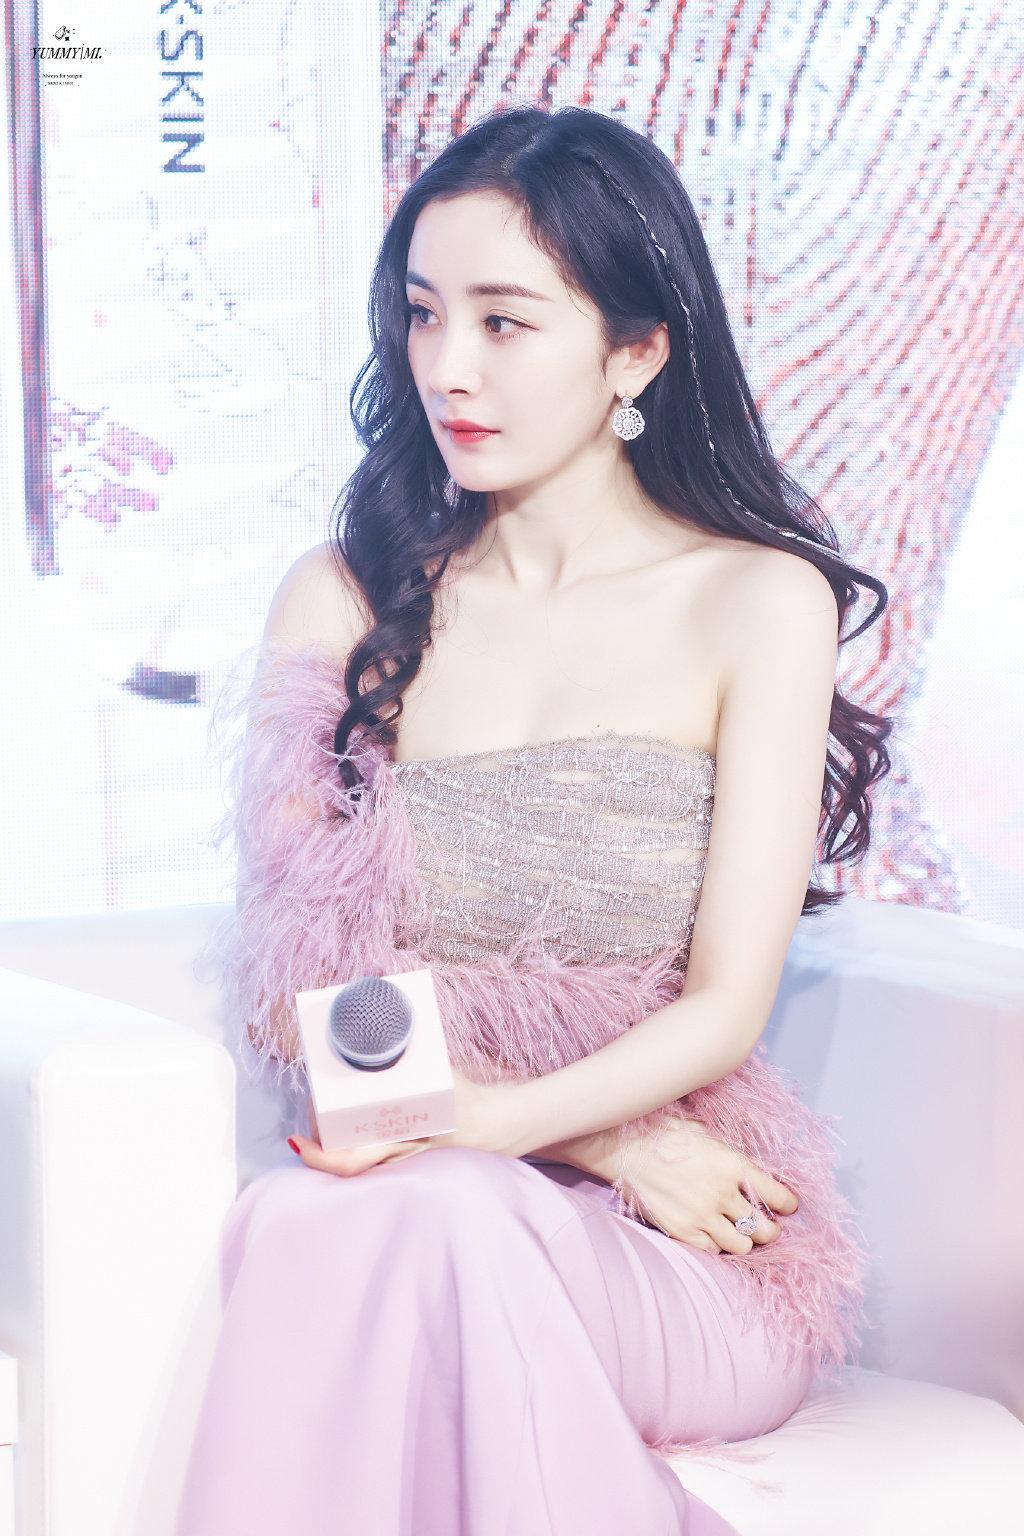 """Dương Mịch lao vào cuộc đua đồ cao cấp, đổi stylist để """"lấy le"""" diện đồ Haute Couture đi sự kiện nhưng vẫn bị dân tình chê bai - Ảnh 6."""